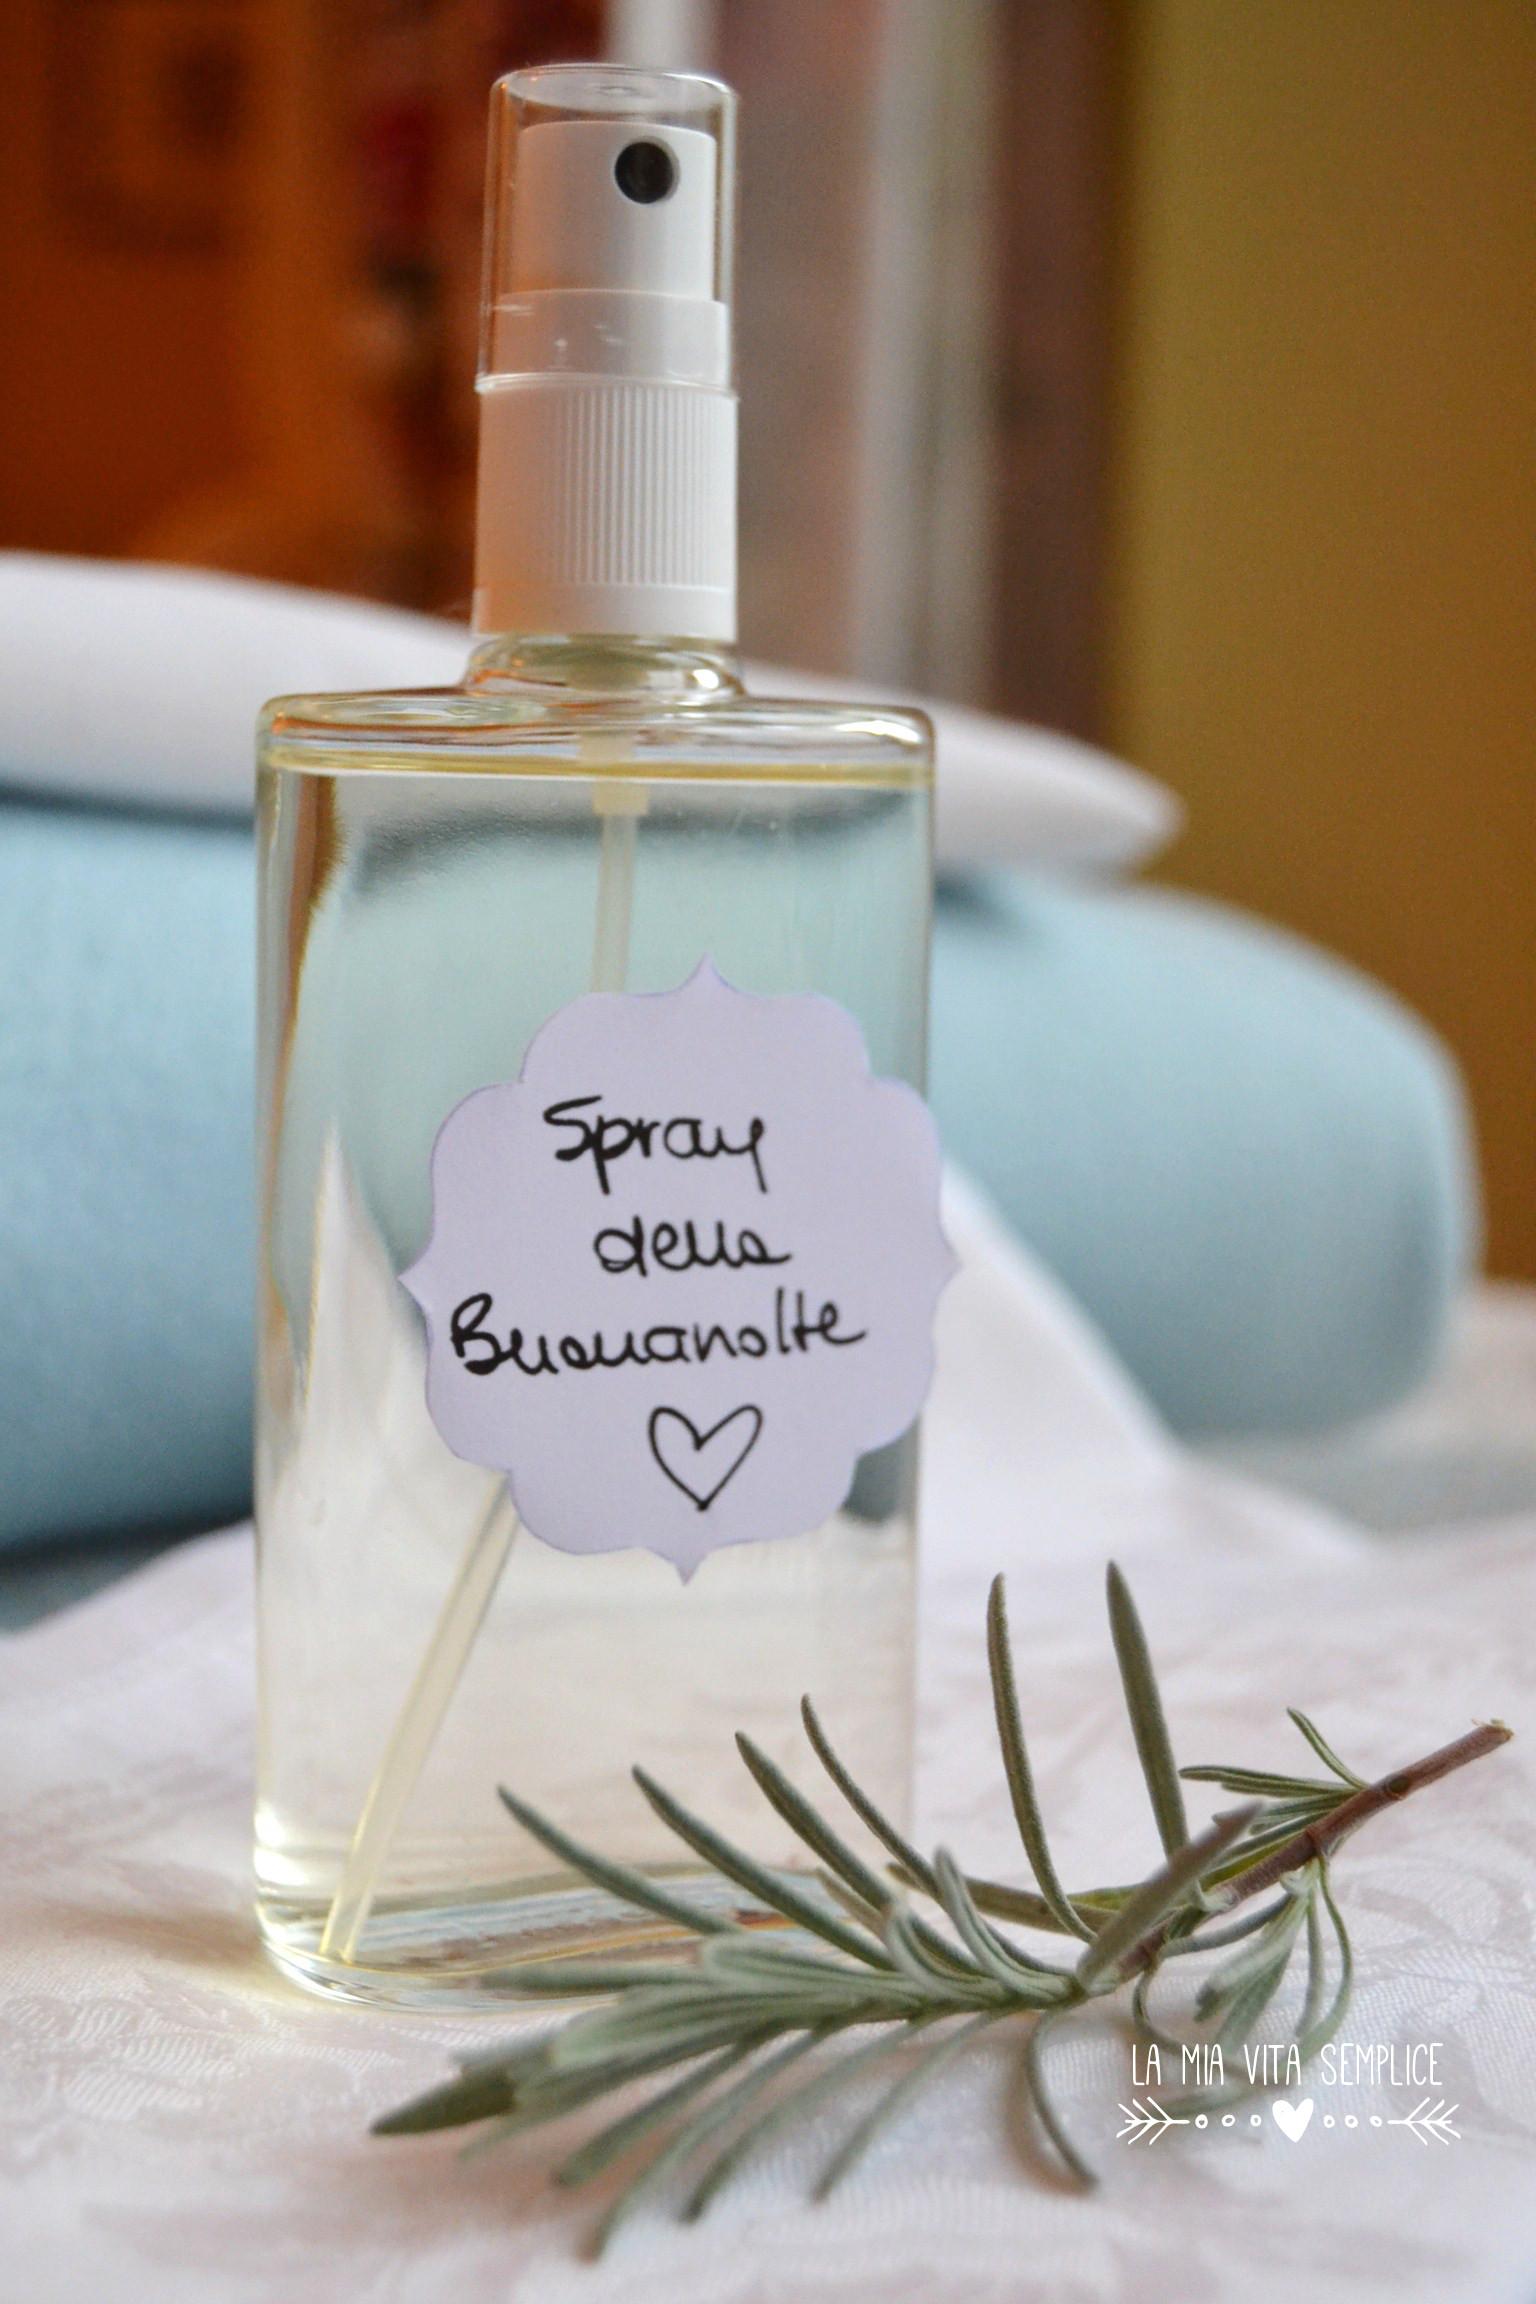 spray della buonanotte alla lavanda wm